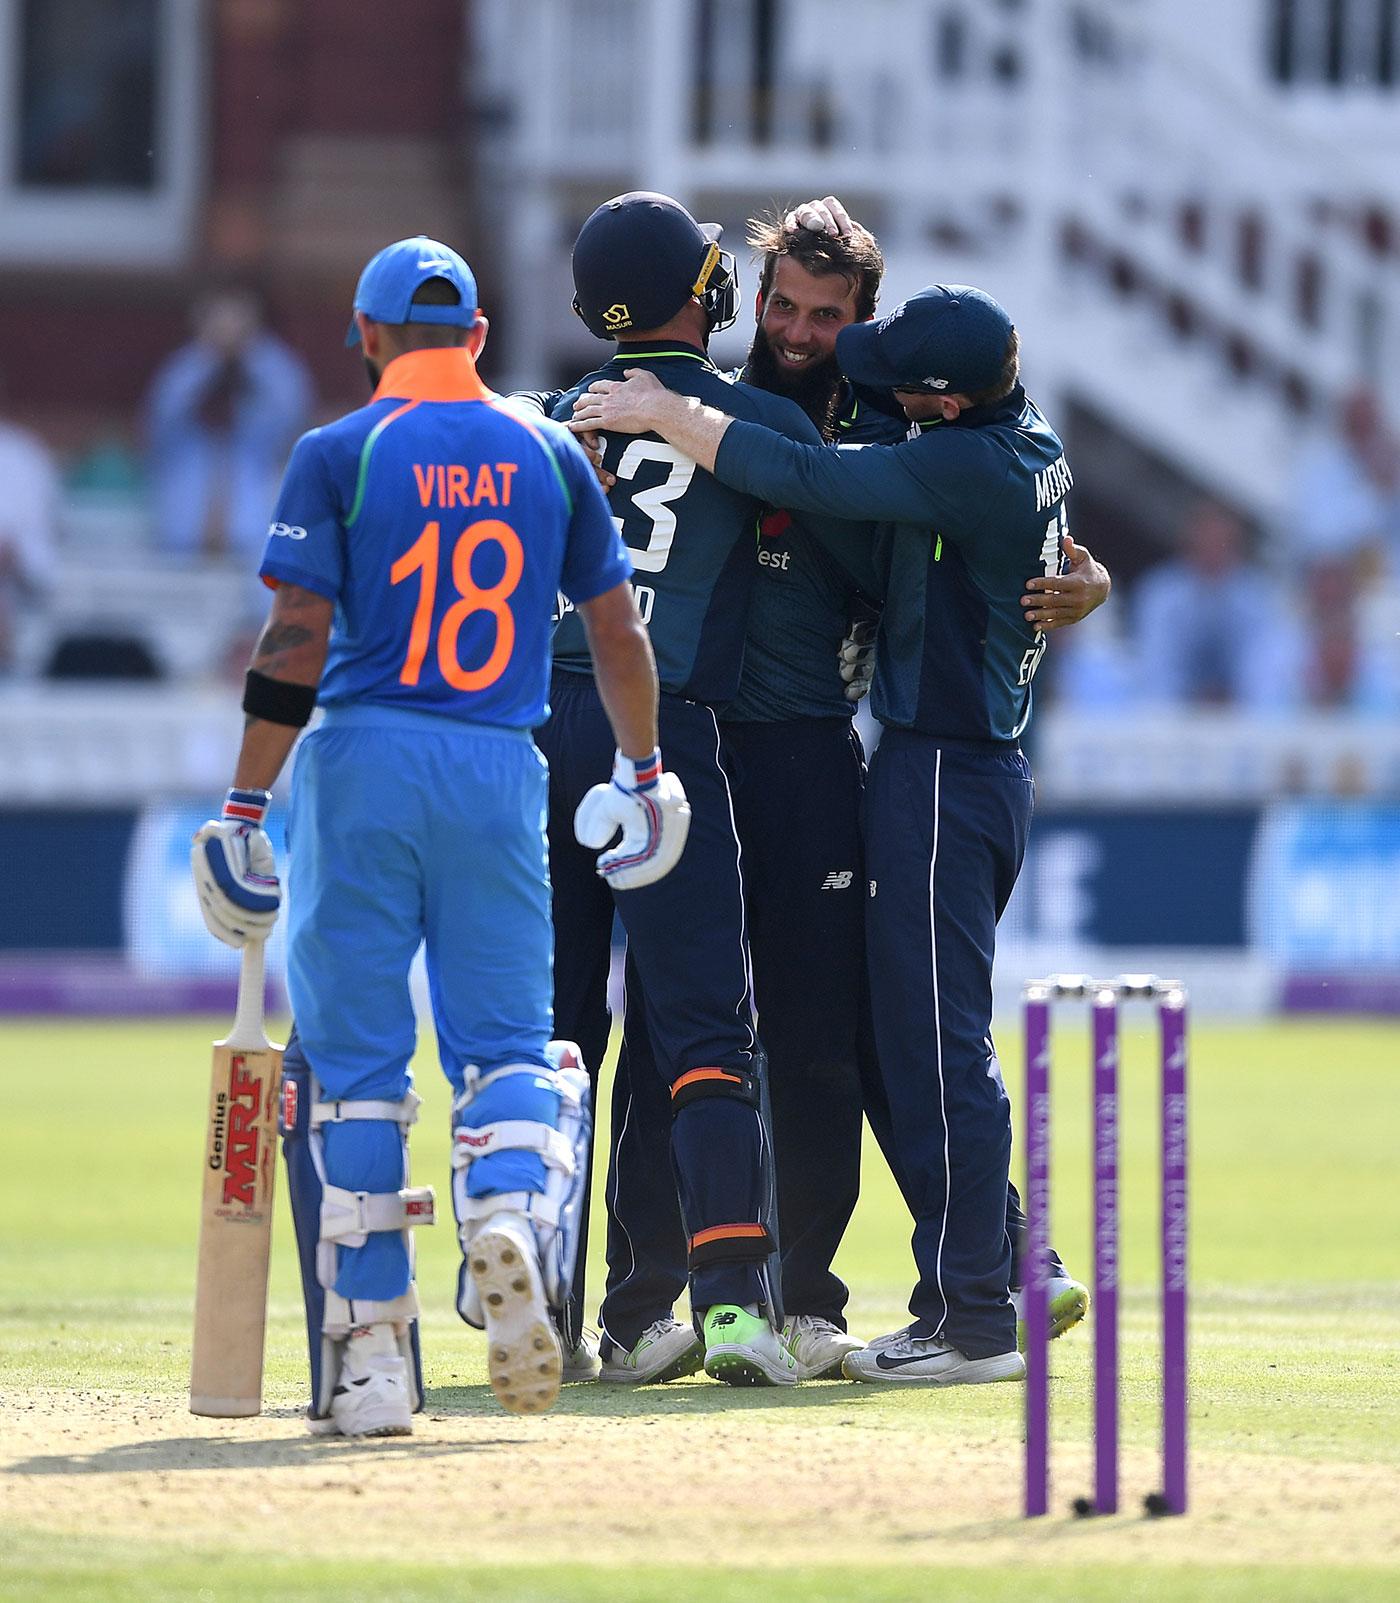 England vs India 2018, Third ODI - Match Preview 1